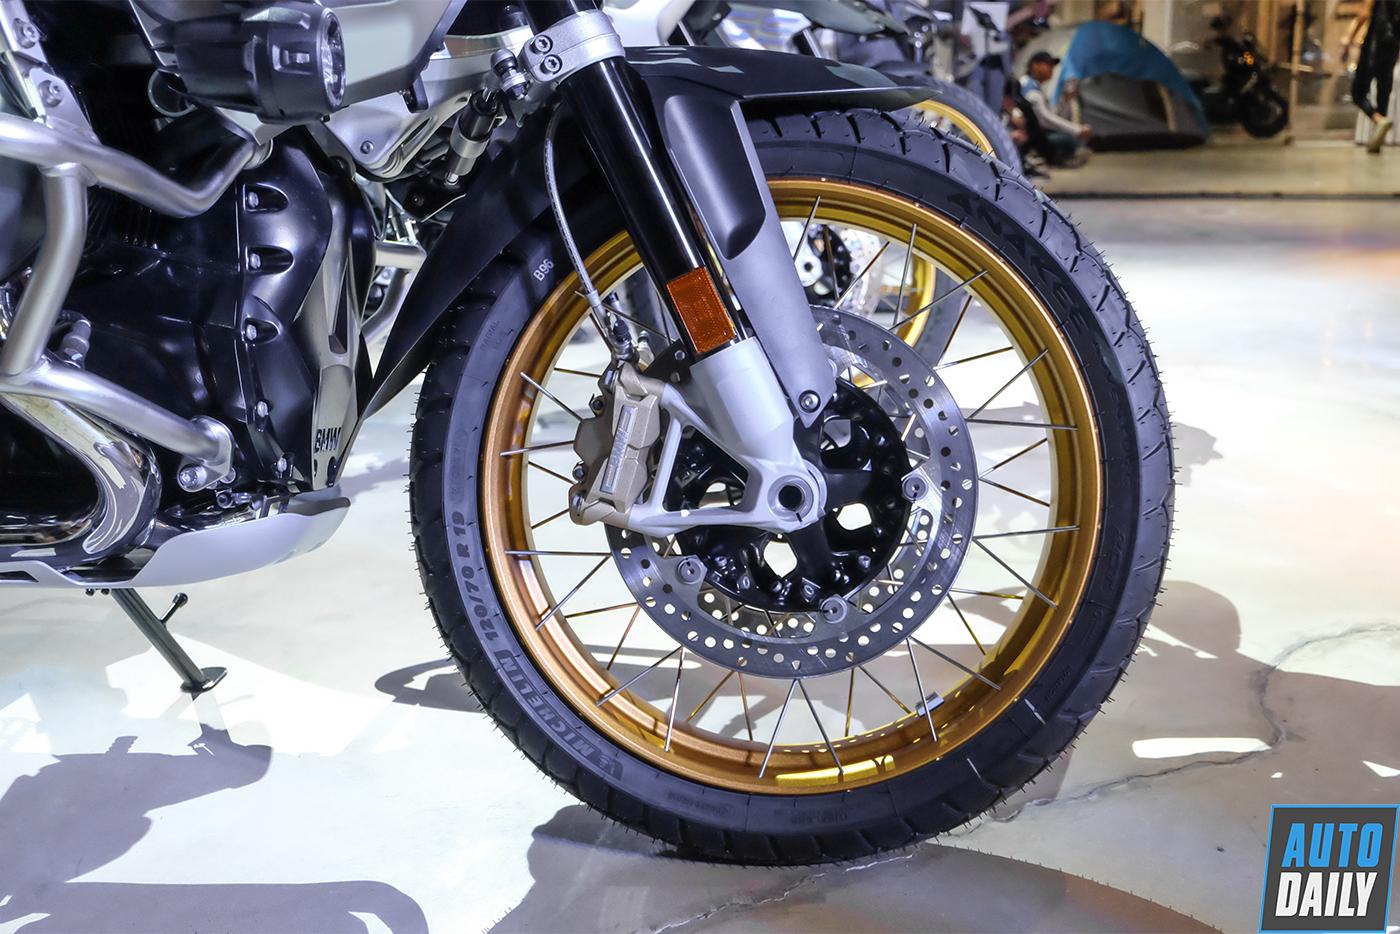 bmw-motorrad-r-1250-gsa-2019-45.jpg